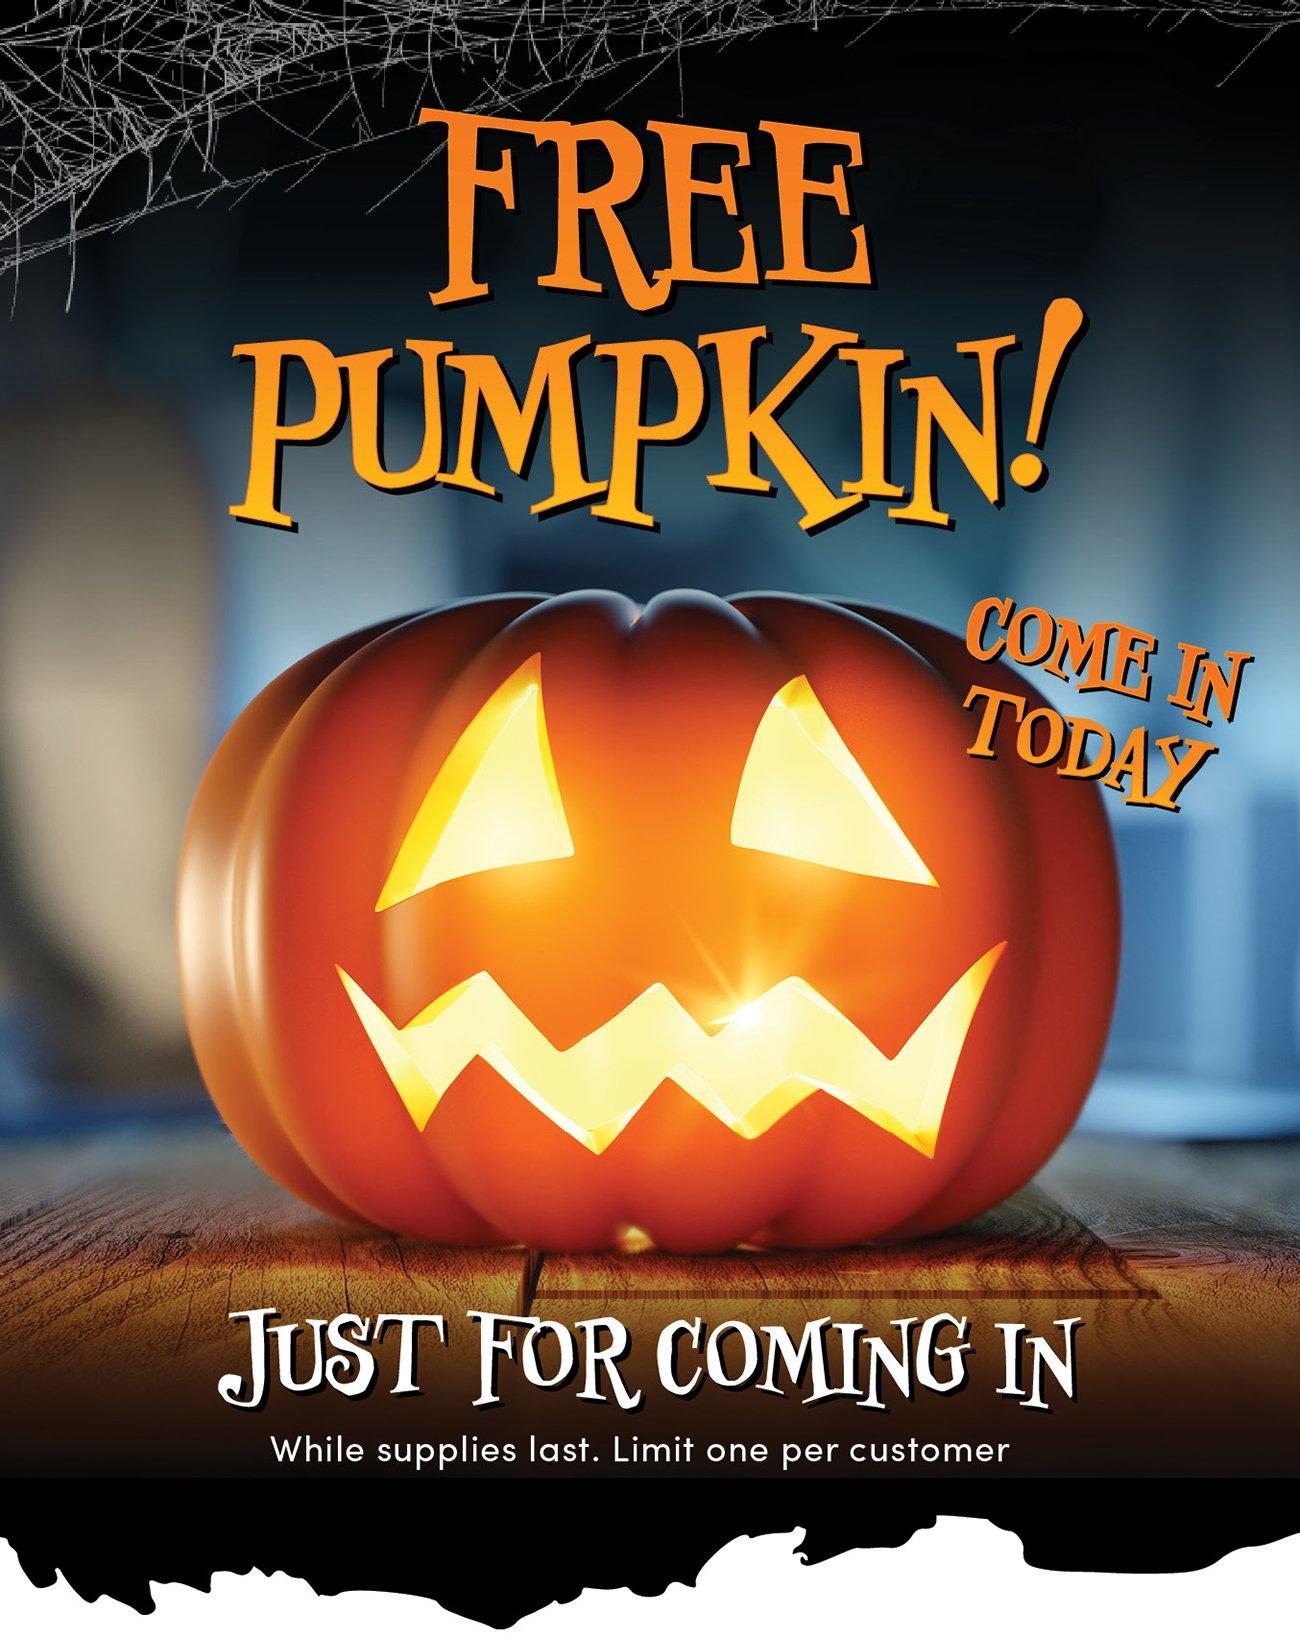 Free-pumpkin